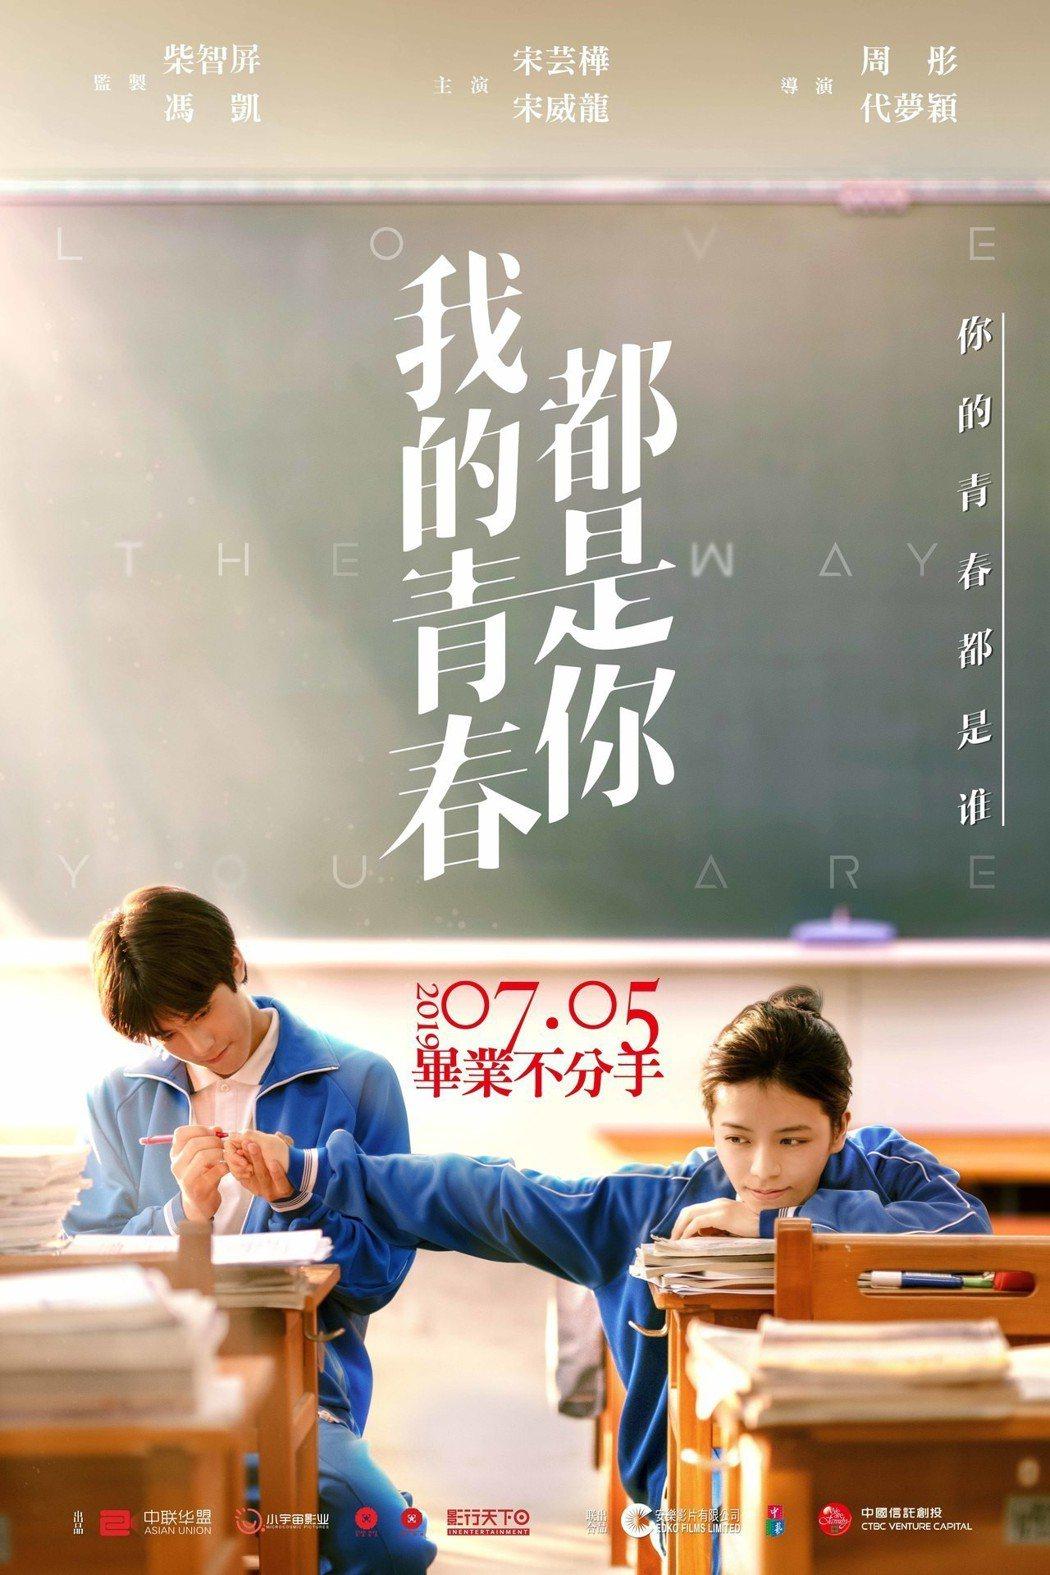 「我的青春都是你」將於7月5日上映!圖/群星瑞智提供